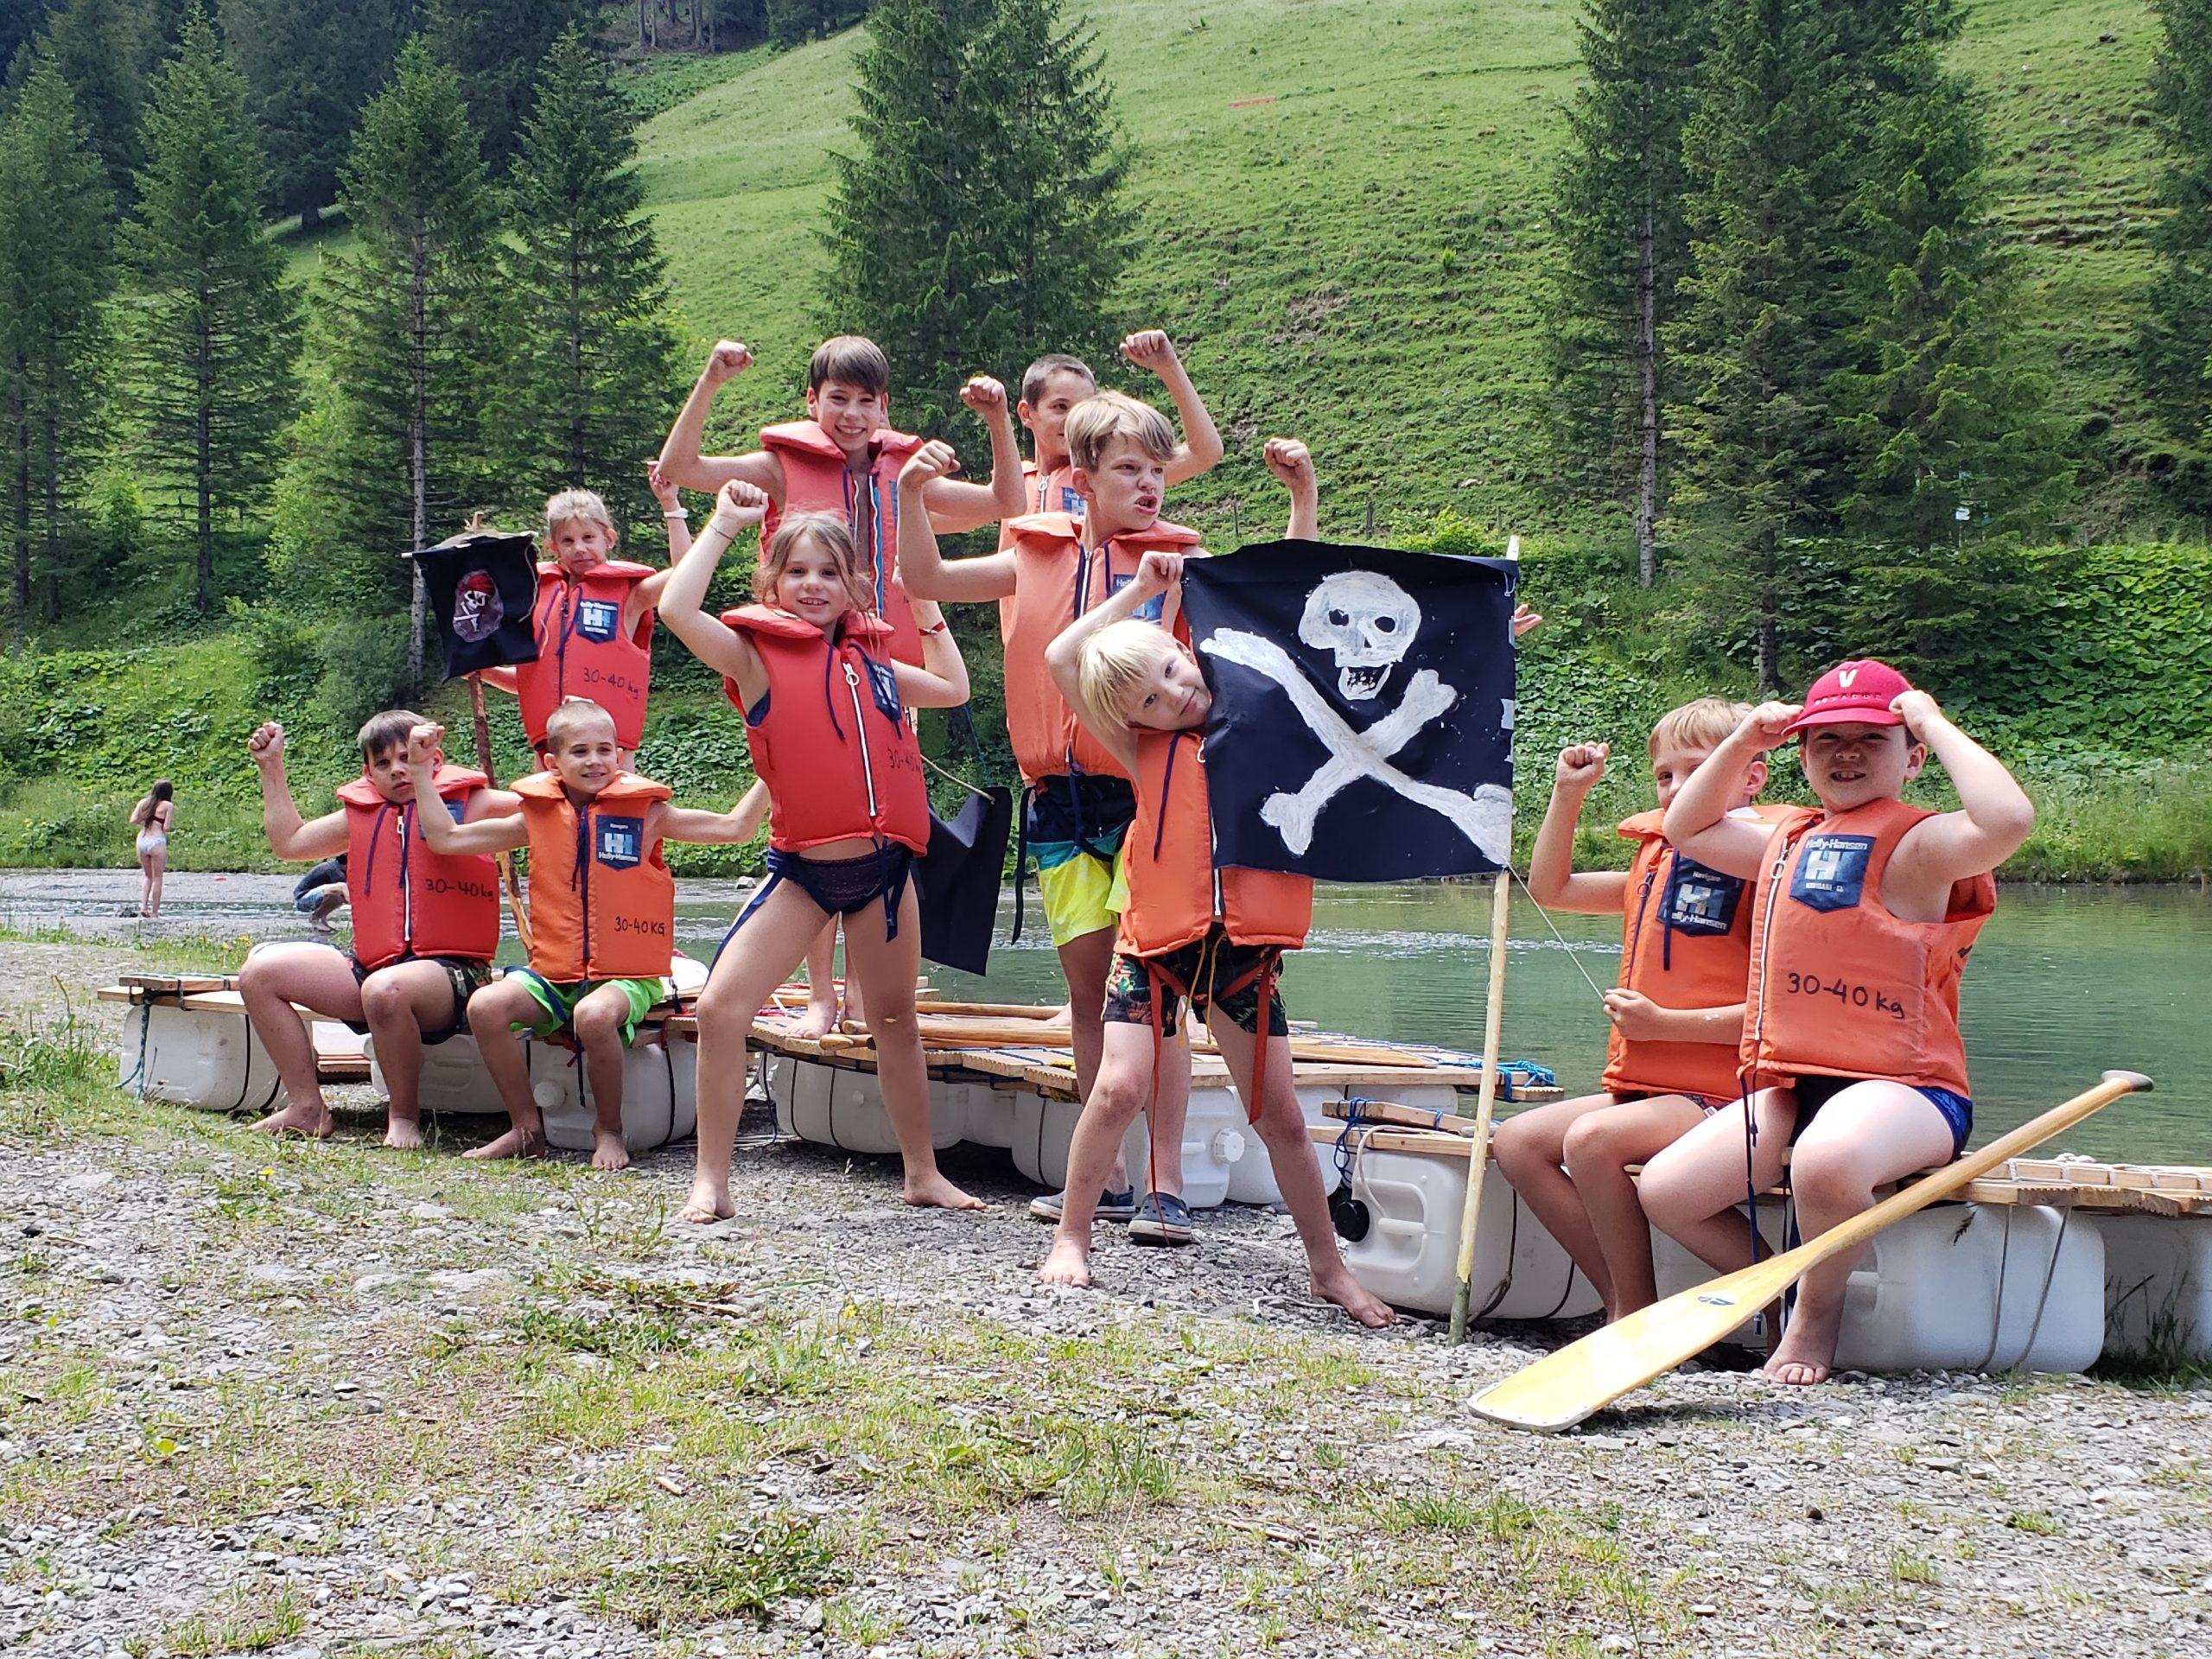 Kinder Piratencrew mit Flossen